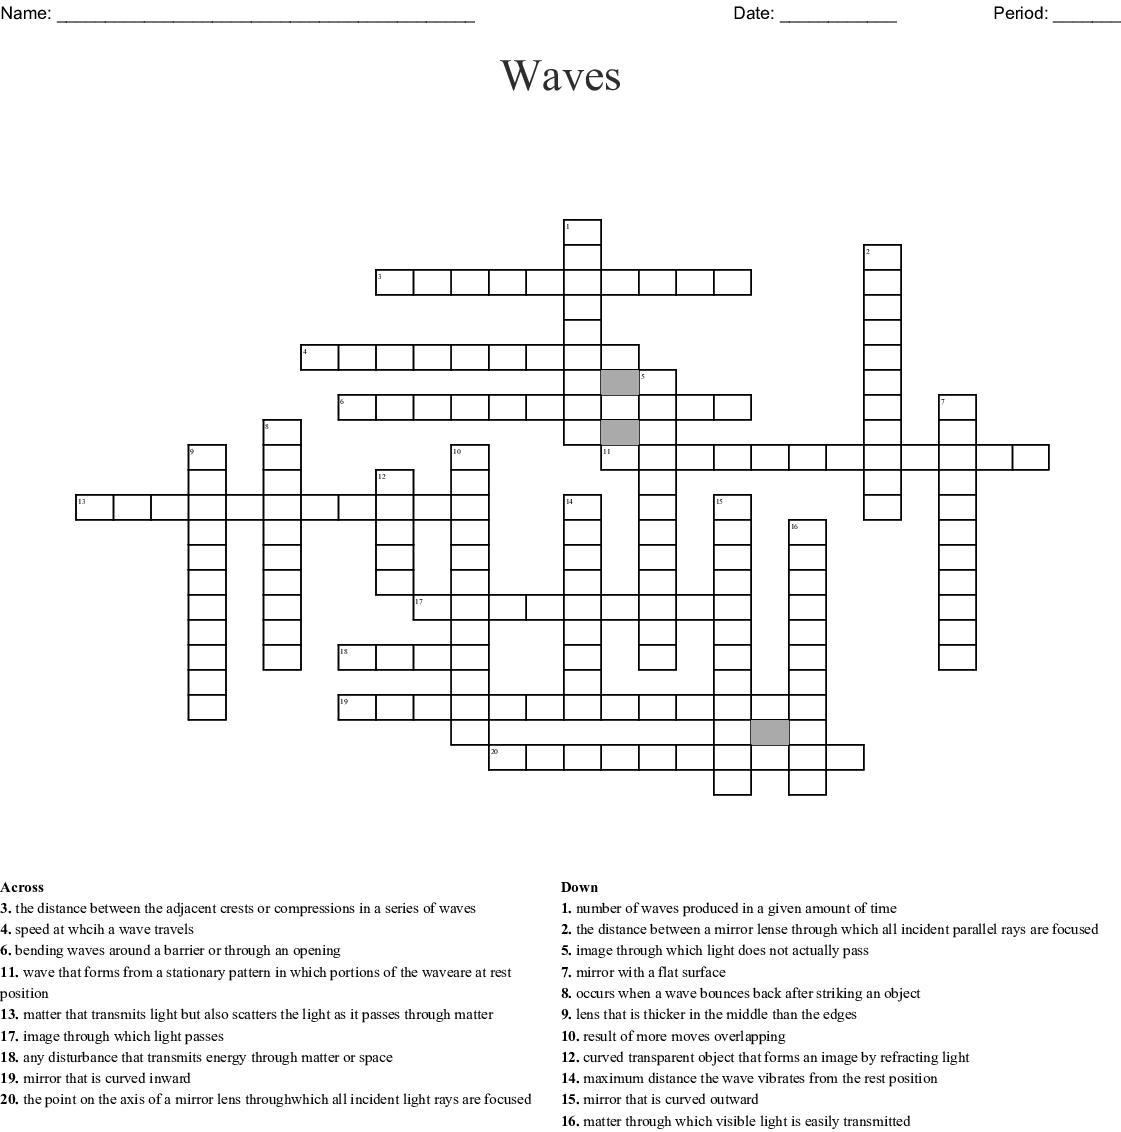 Waves Crossword Wordmint